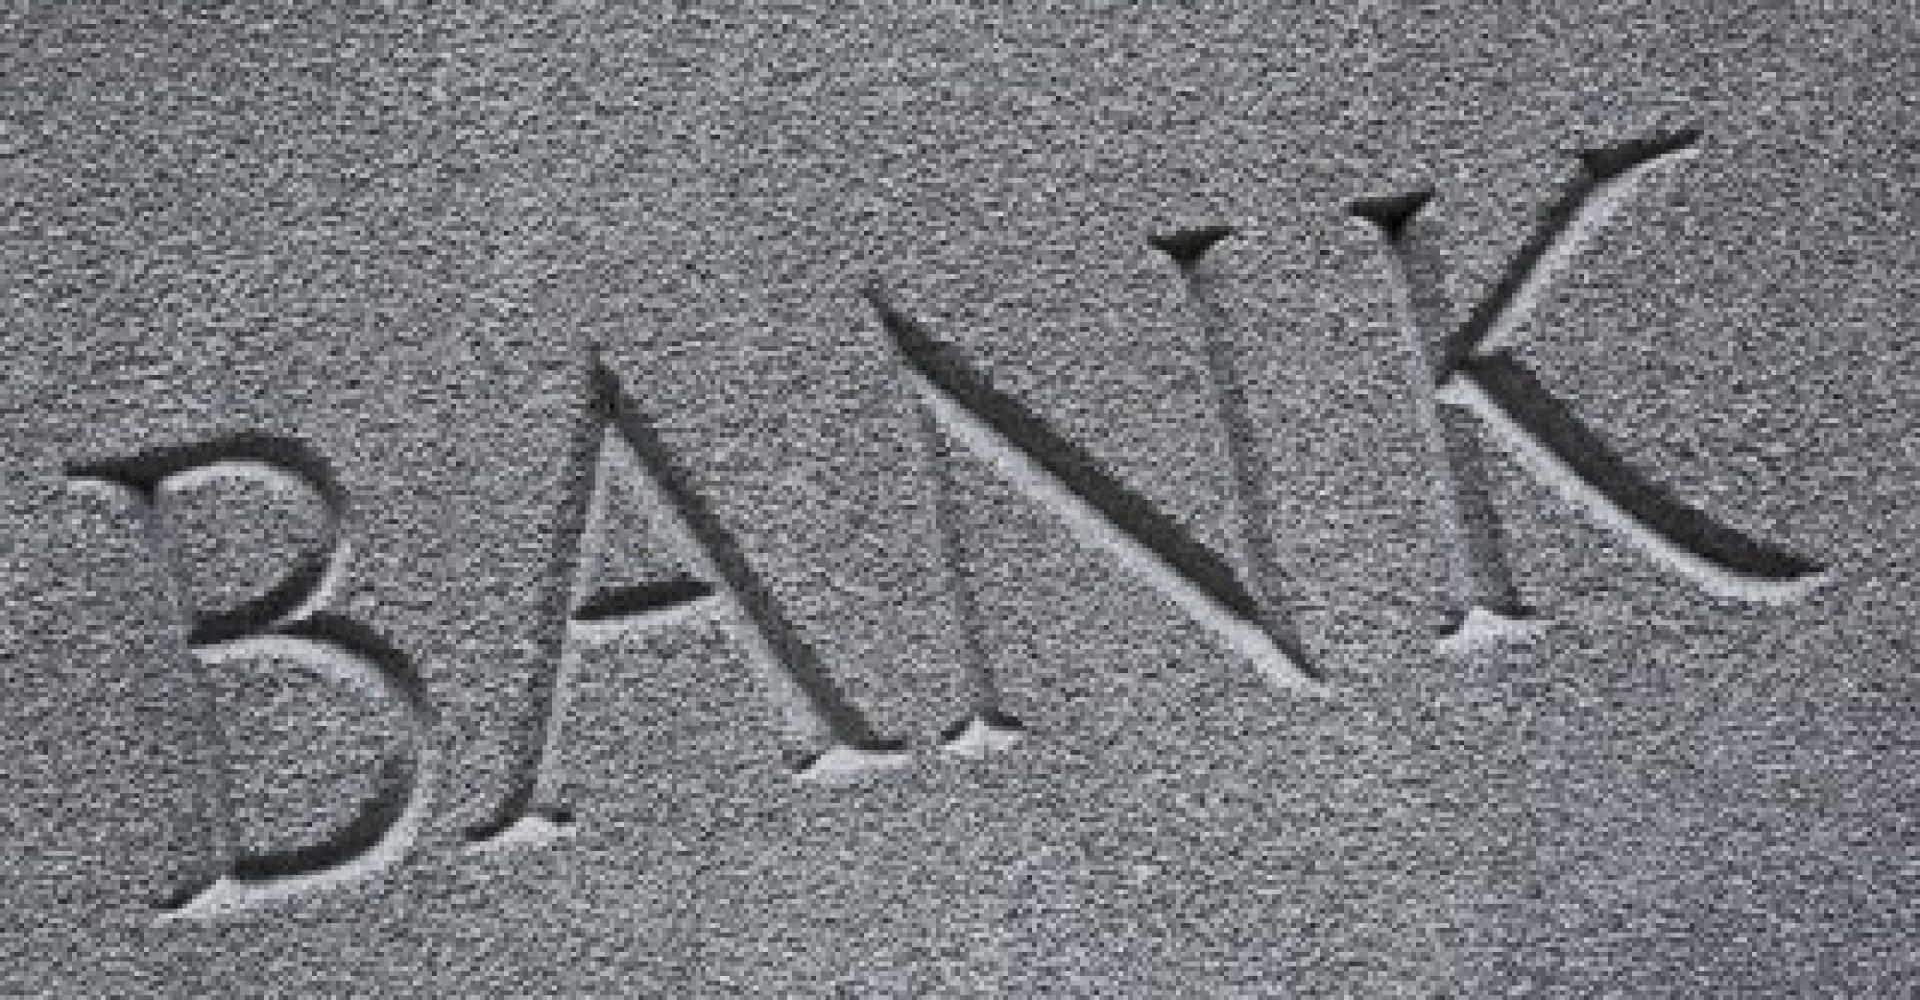 Banklån - få fradrag for omkostninger | FinansBureauet